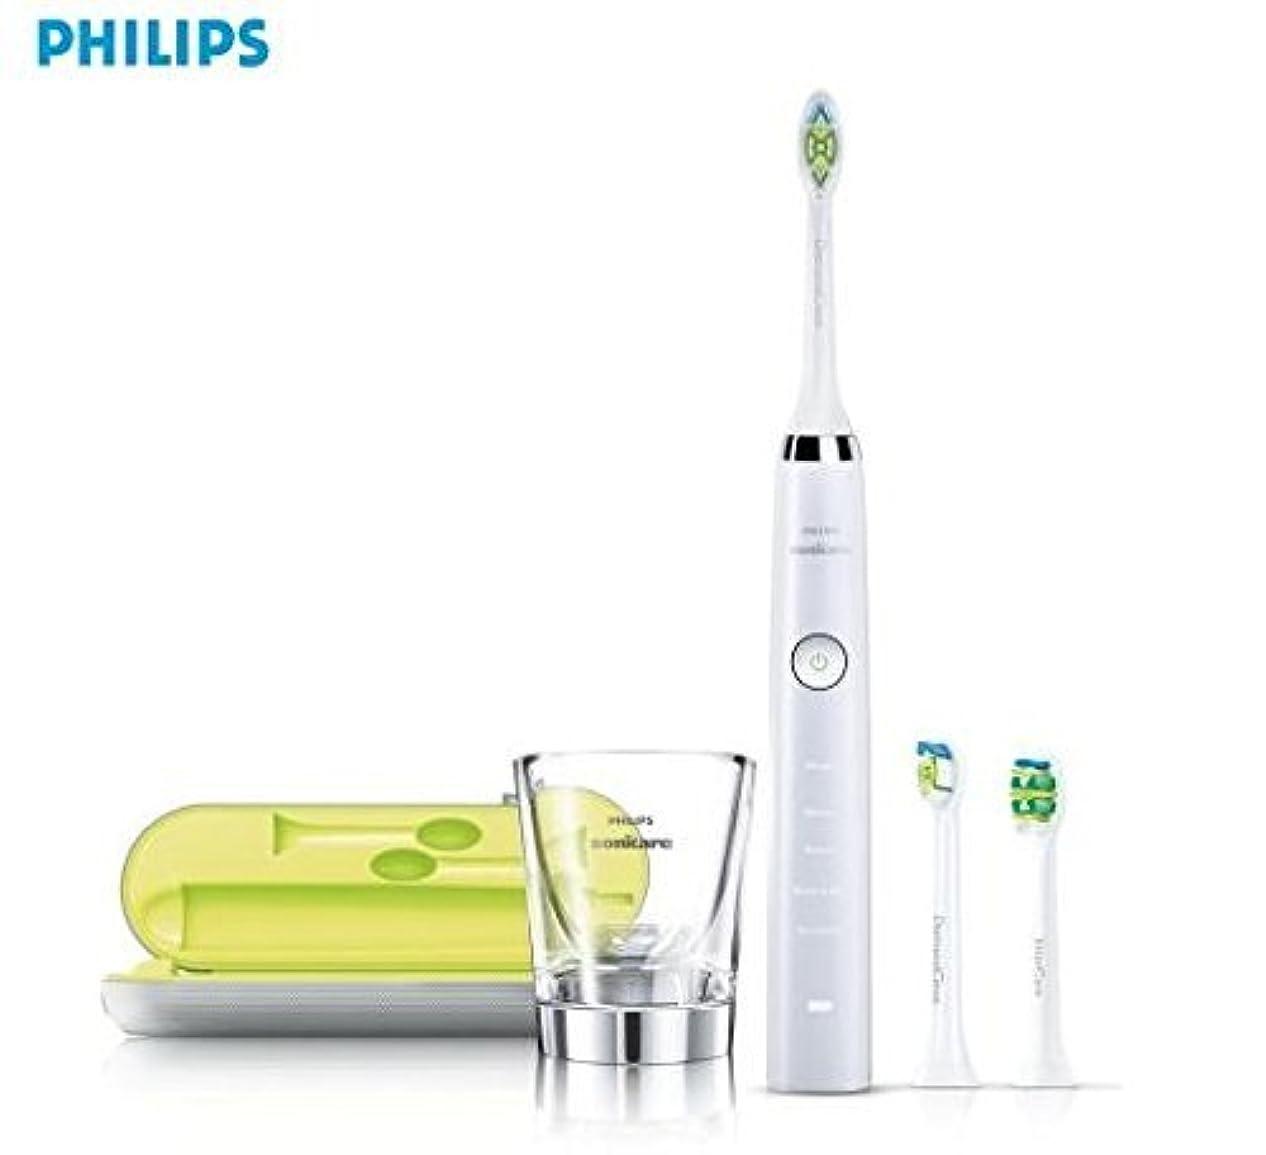 用心深い蓄積する堂々たるソニッケアー 電動歯ブラシ(ホワイト)PHILIPS sonicare ダイヤモンドクリーン HX9335/05